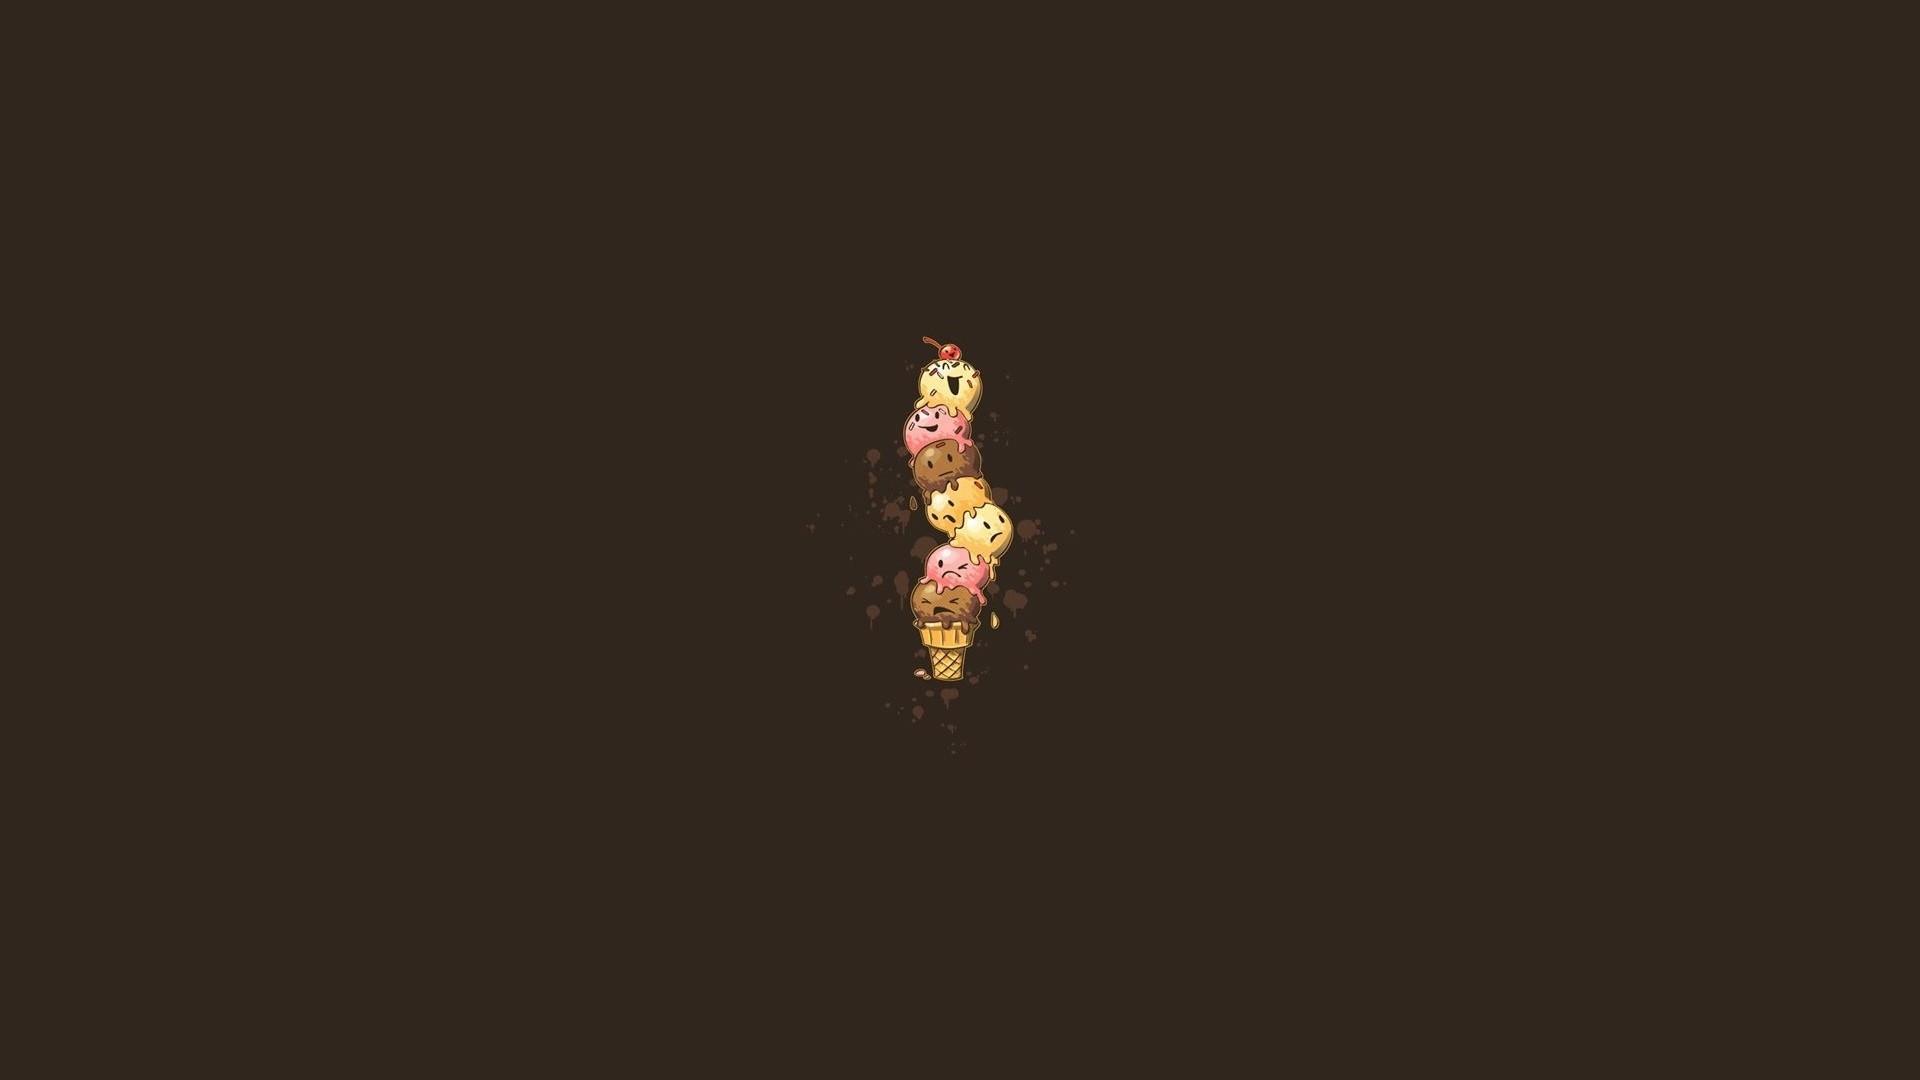 <b>Minimalist Wallpaper 1920×1080</b> – WallpaperSafari